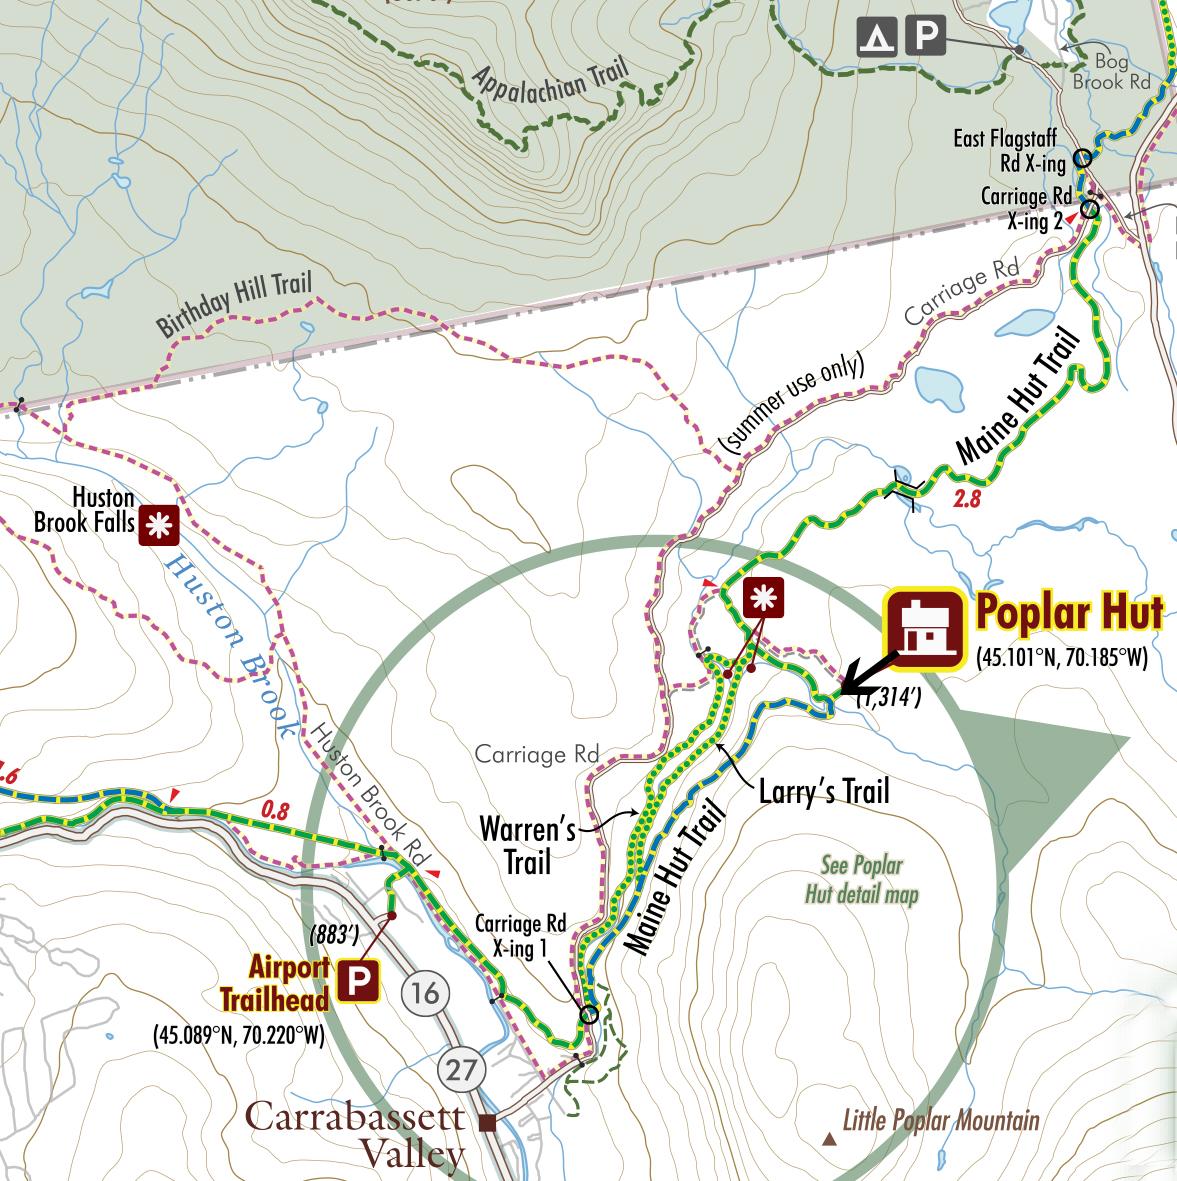 Kingfield Maine Map.Poplar Hut To Hut Hiking In Kingfield Maine Huts Trails